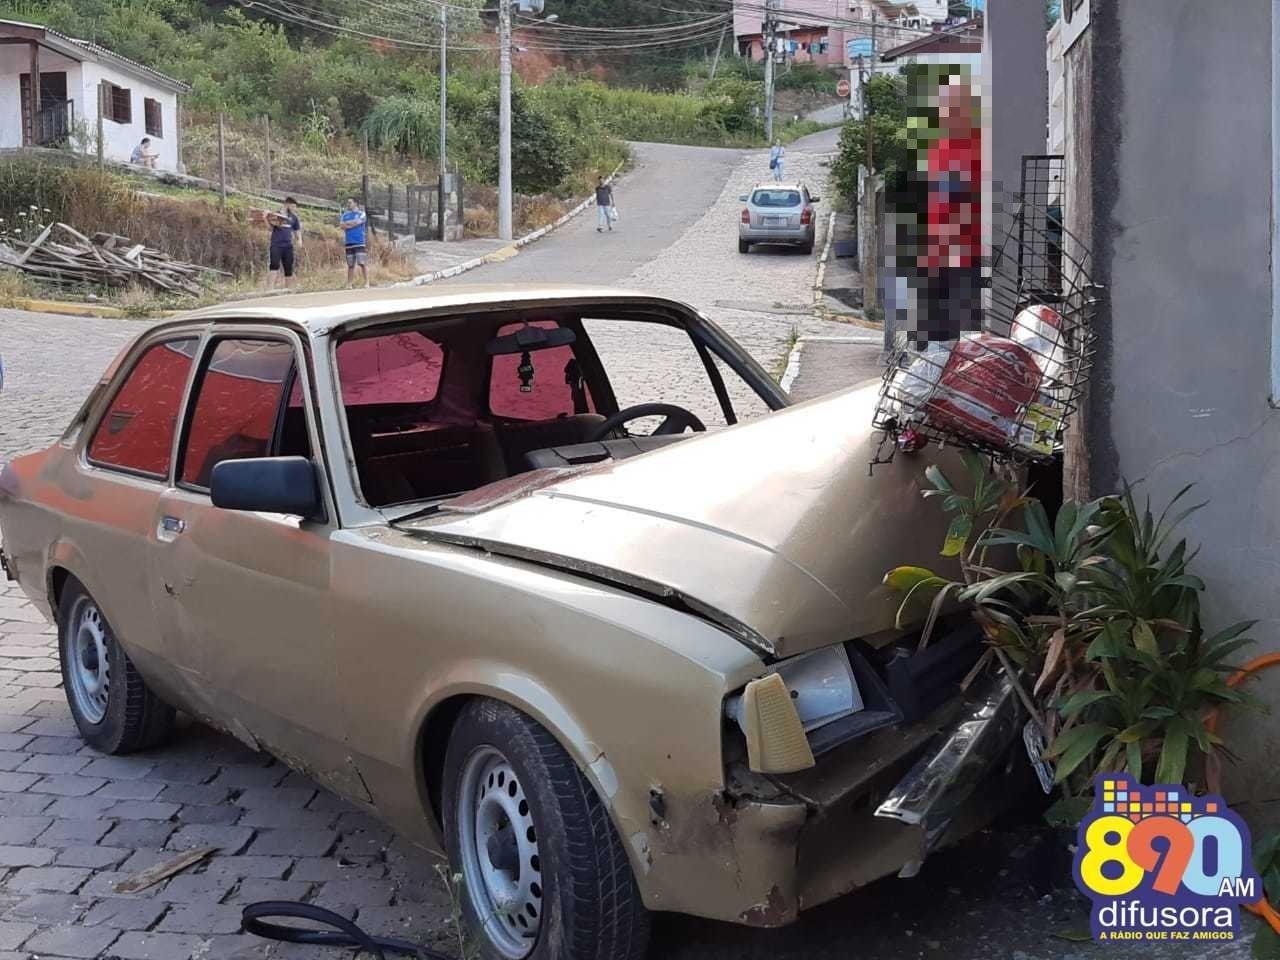 Motorista fica ferido após colidir veículo em residência no Vila Nova II em Bento